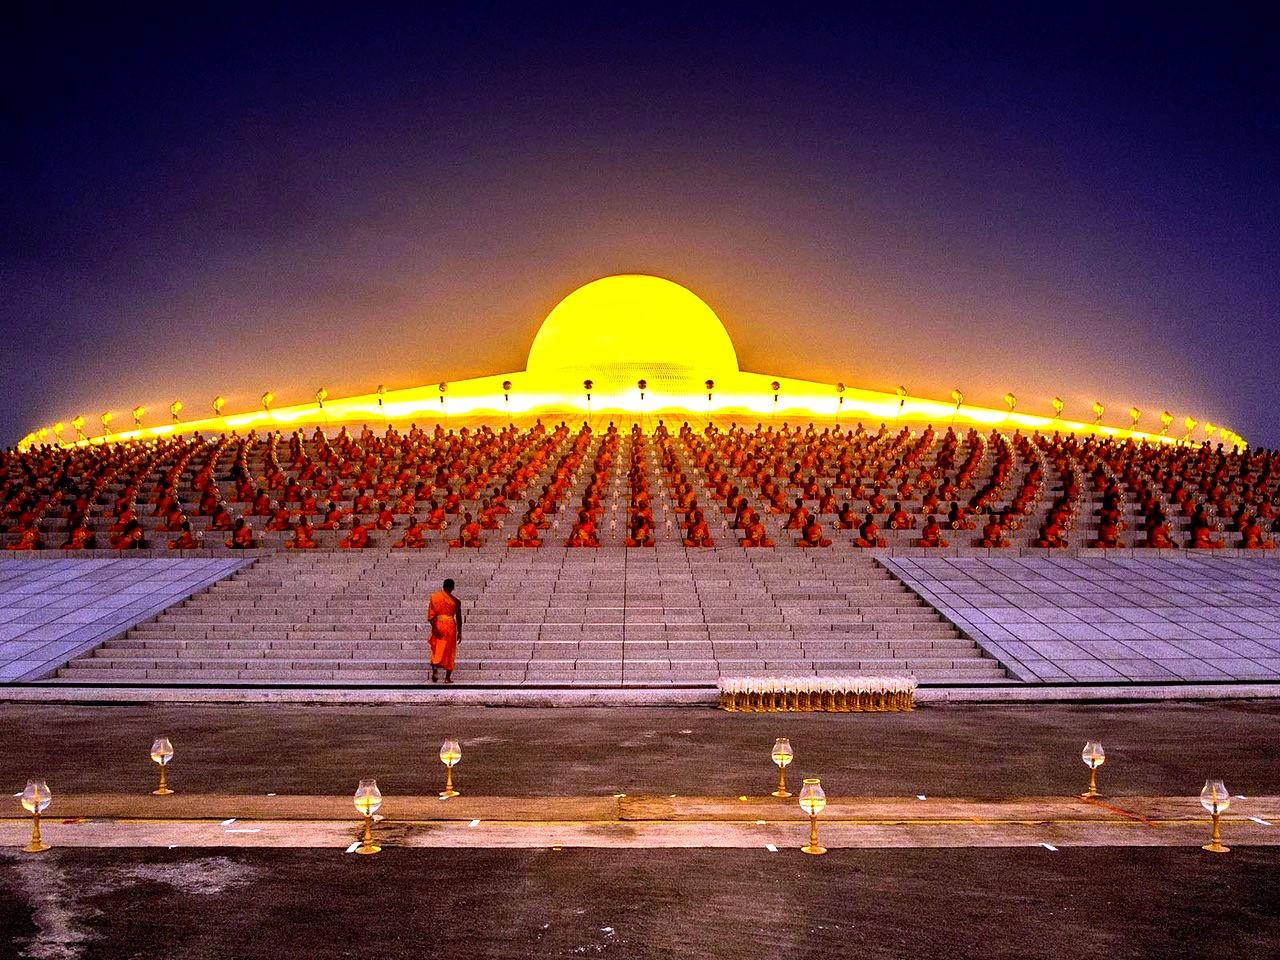 освещенный купол дхаммакая